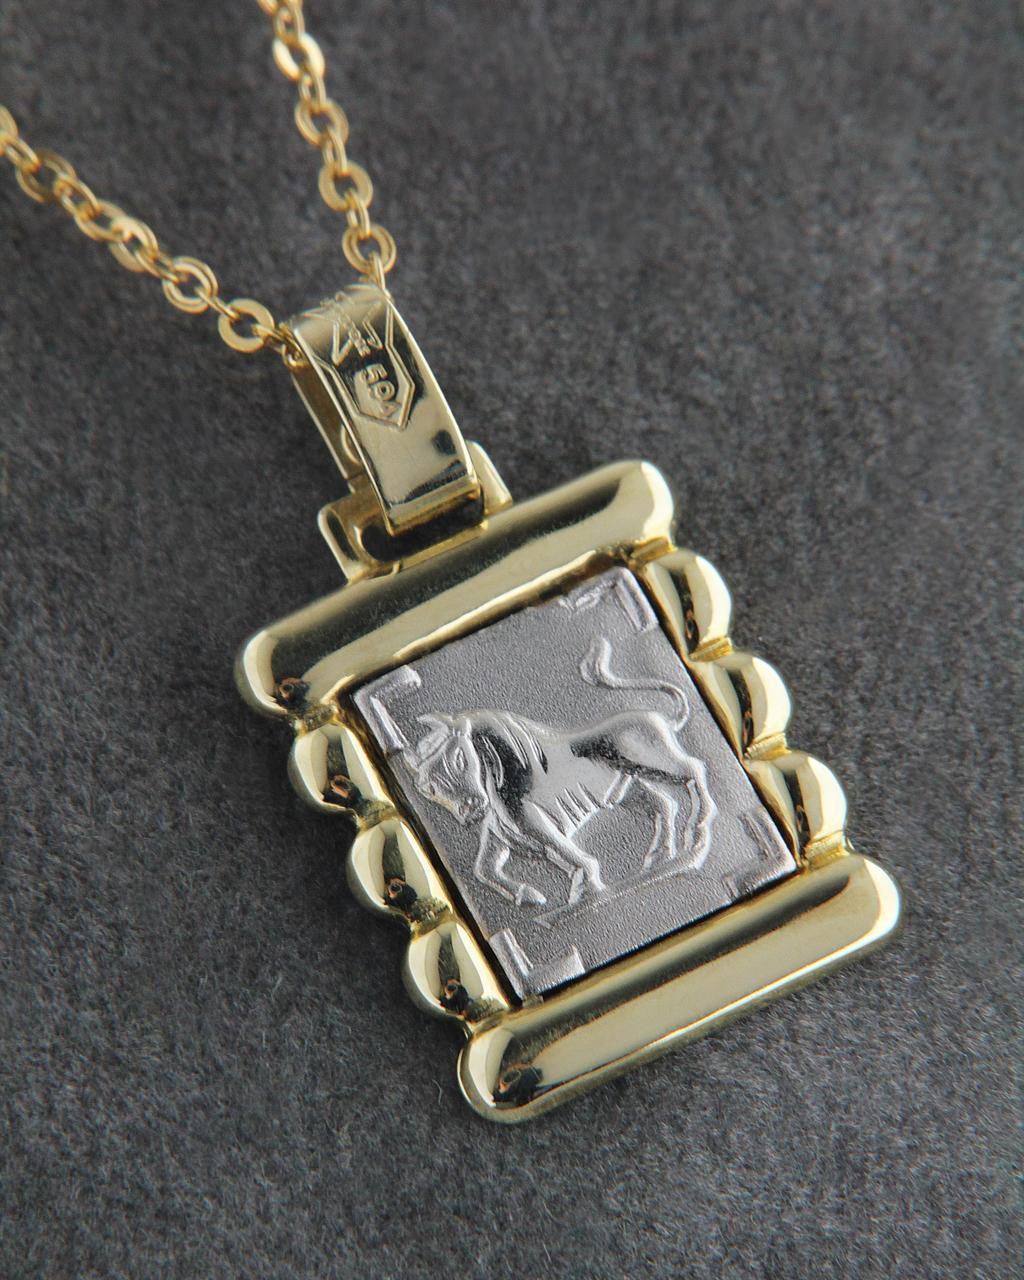 Κρεμαστό ζώδιο Ταύρος χρυσό & λευκόχρυσο Κ14   παιδι κρεμαστά κολιέ ζώδια